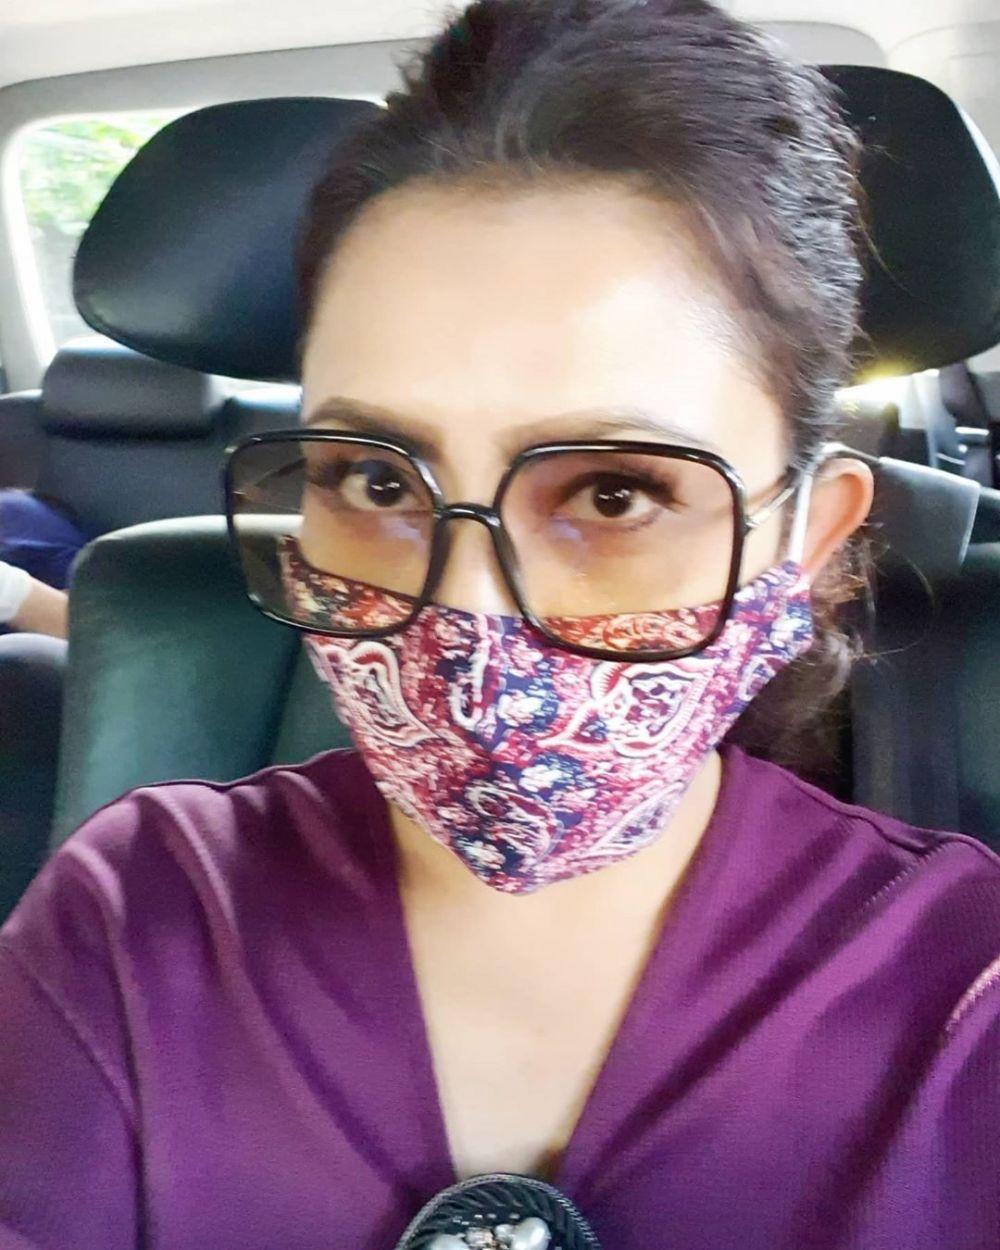 Gaya Mayangsari pakai kacamata dan masker © 2020 Instagram/@mayangsaritrihatmodjoreal